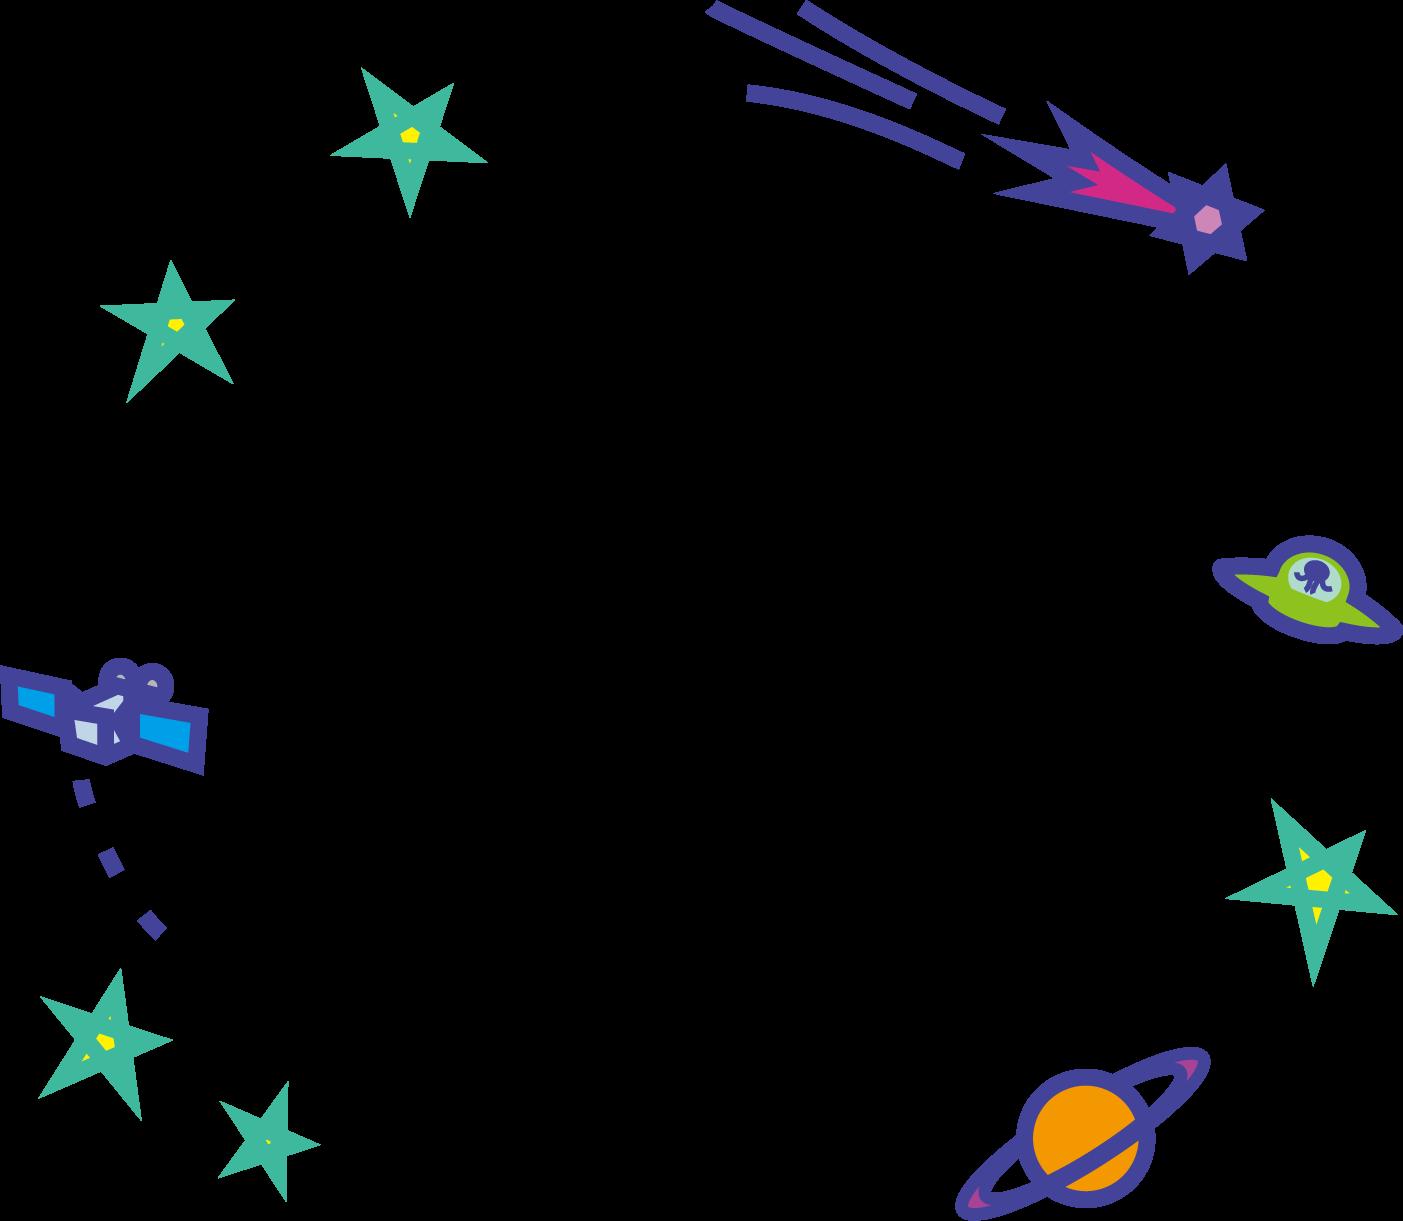 宇宙のイラスト / 人工衛星・ufo・彗星(流れ星)・土星 | 可愛い無料